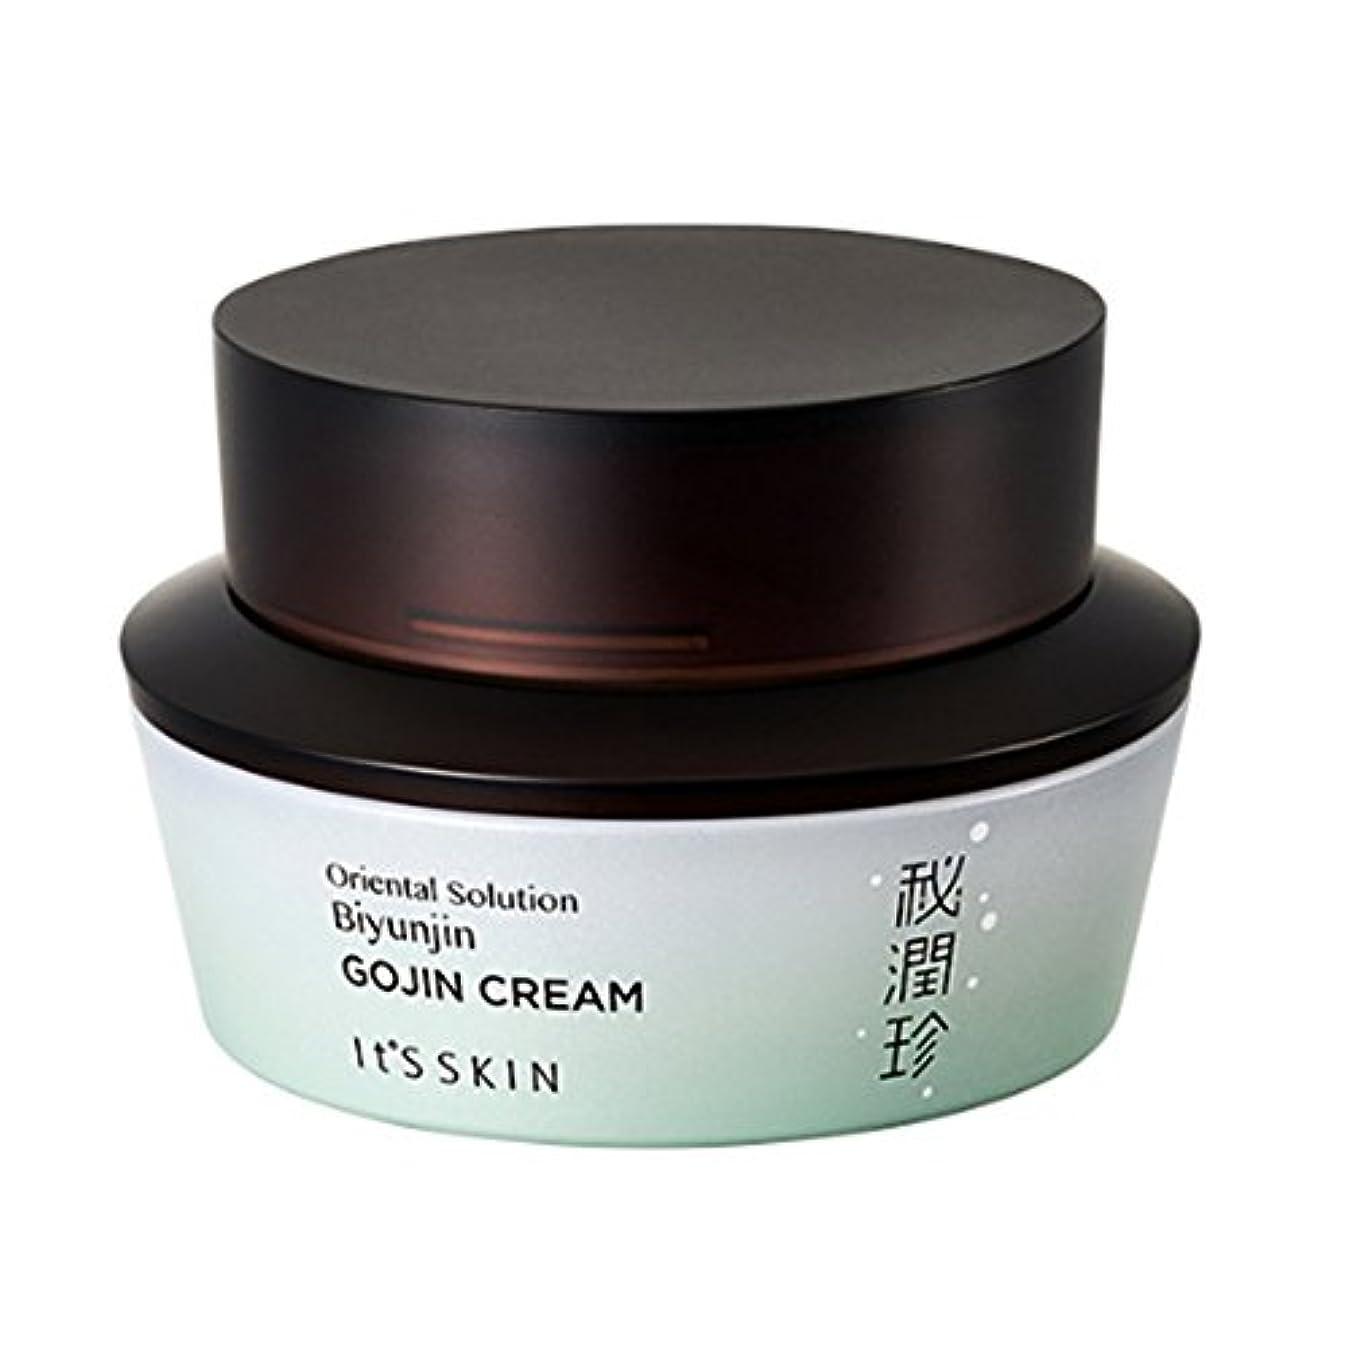 タヒチ学士コンセンサス【イッツスキン】 IT'S SKIN Bi Yun Jin Gojin Cream 【韓国直送品】 OOPSPANDA